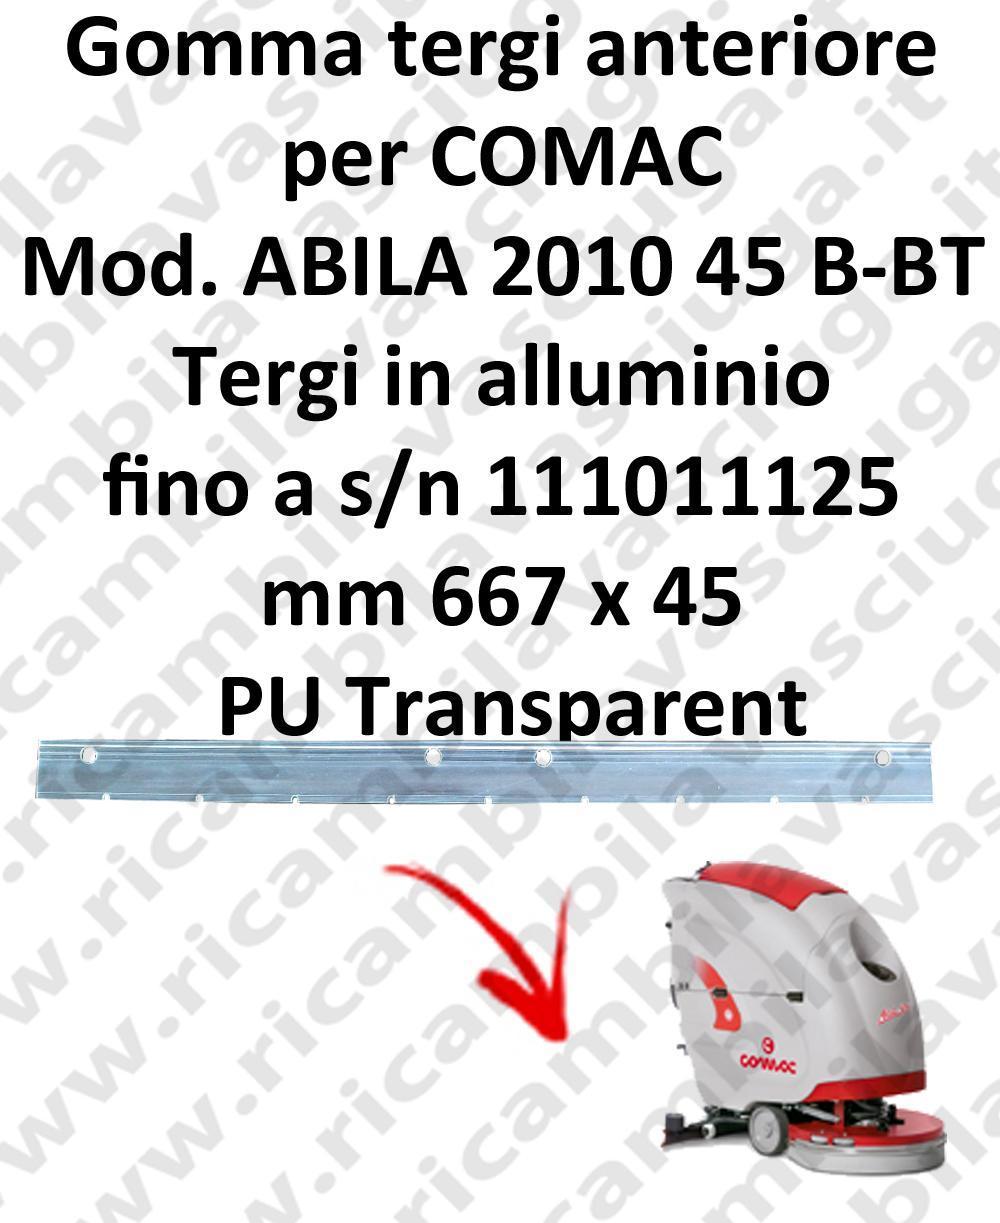 ABILA 2010 45 B - BT fino a s/n 111011125 goma de secado delantera para COMAC repuestos fregadoras squeegee